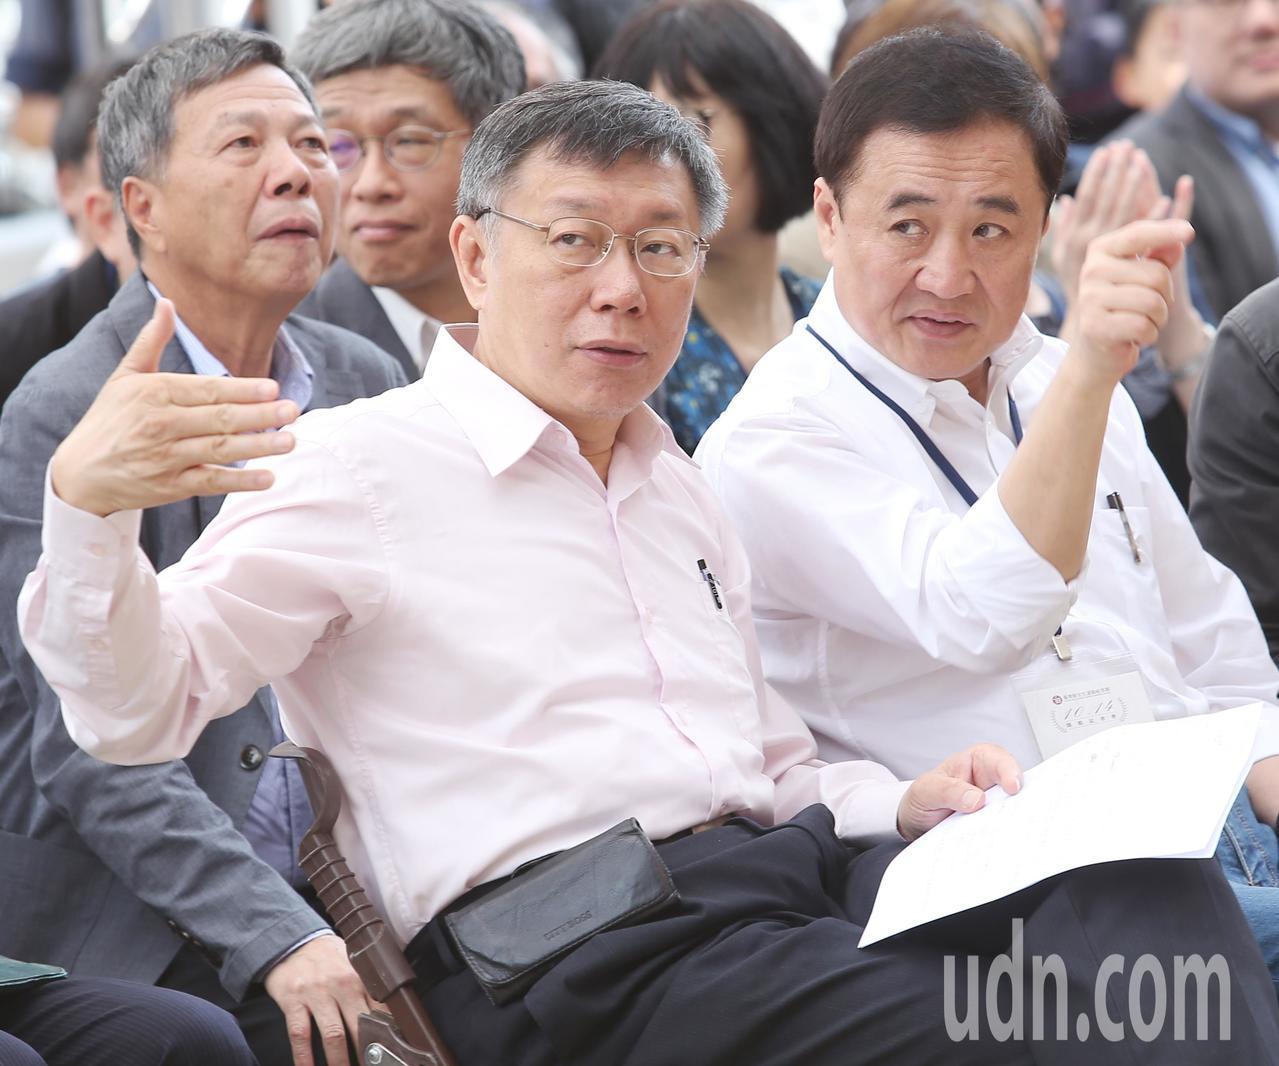 台灣新文化運動紀念館開幕活動上午舉行,台北市長柯文哲(左)與副市長陳景俊峻(右)...